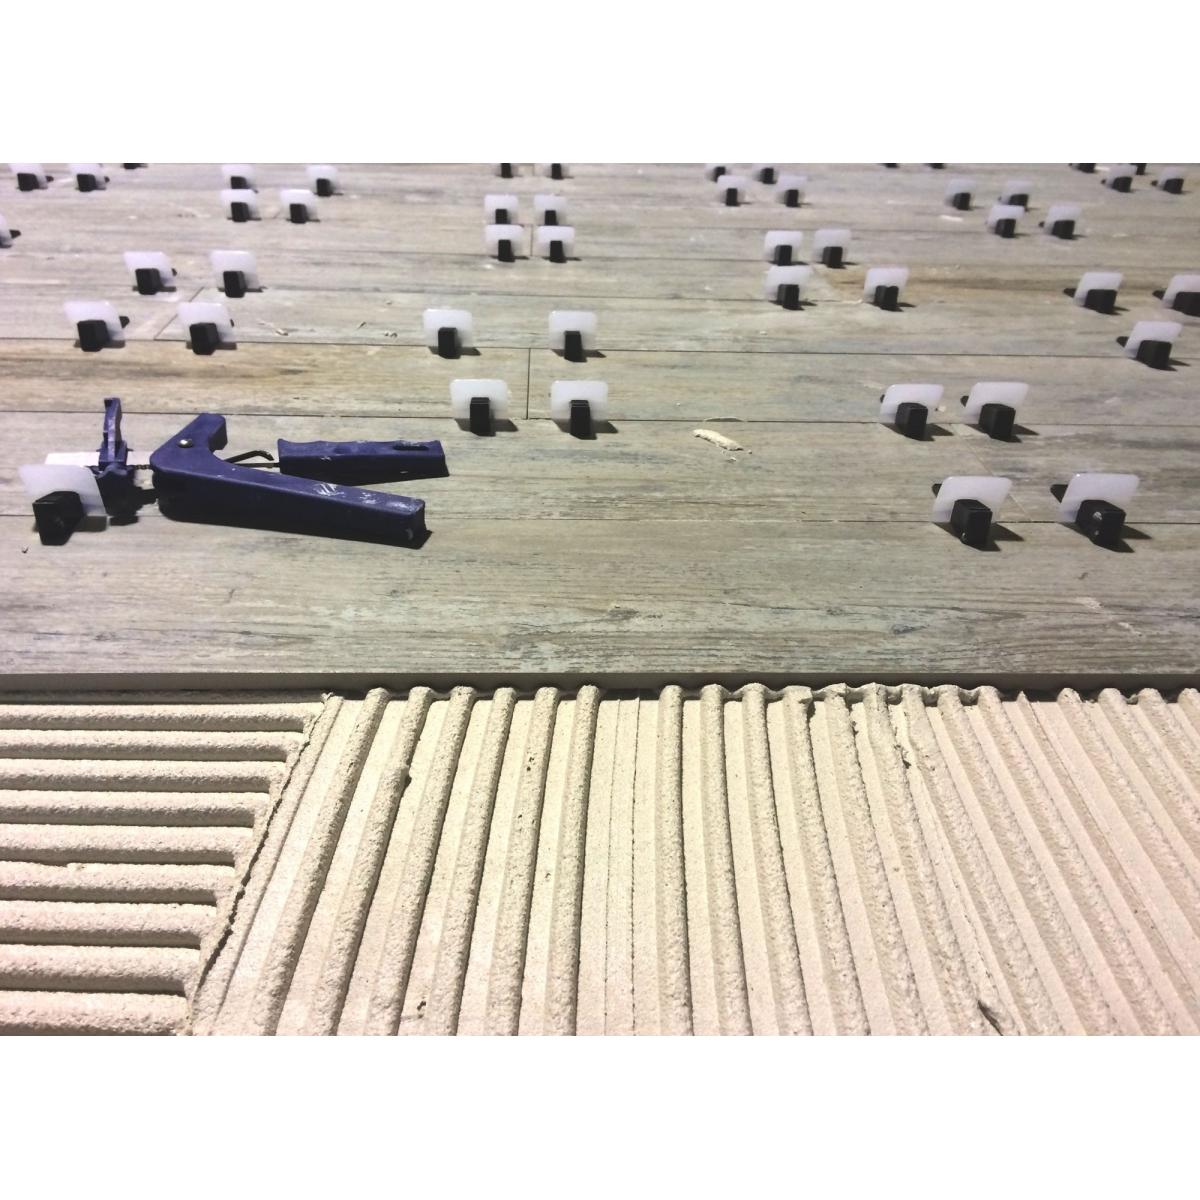 Calzo de Peygran de 1 mm (Bolsa de 300 unidades) Sistema Peygran